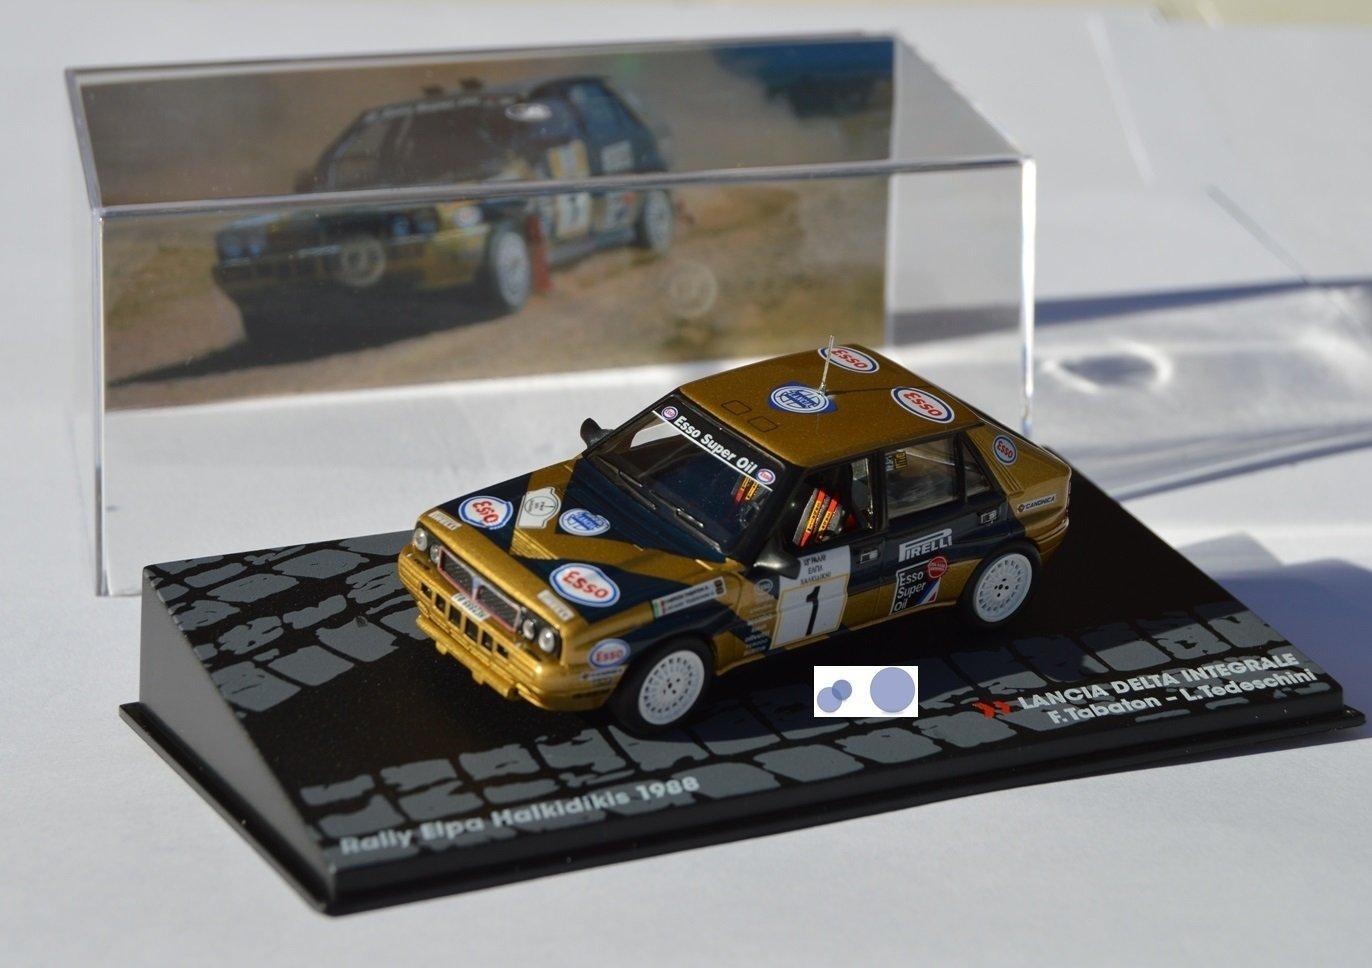 Coches Rally IXO 1:43 1/43 Lancia Delta Integrale F. Tabaton/L. Tedeschini RAL083: Amazon.es: Juguetes y juegos